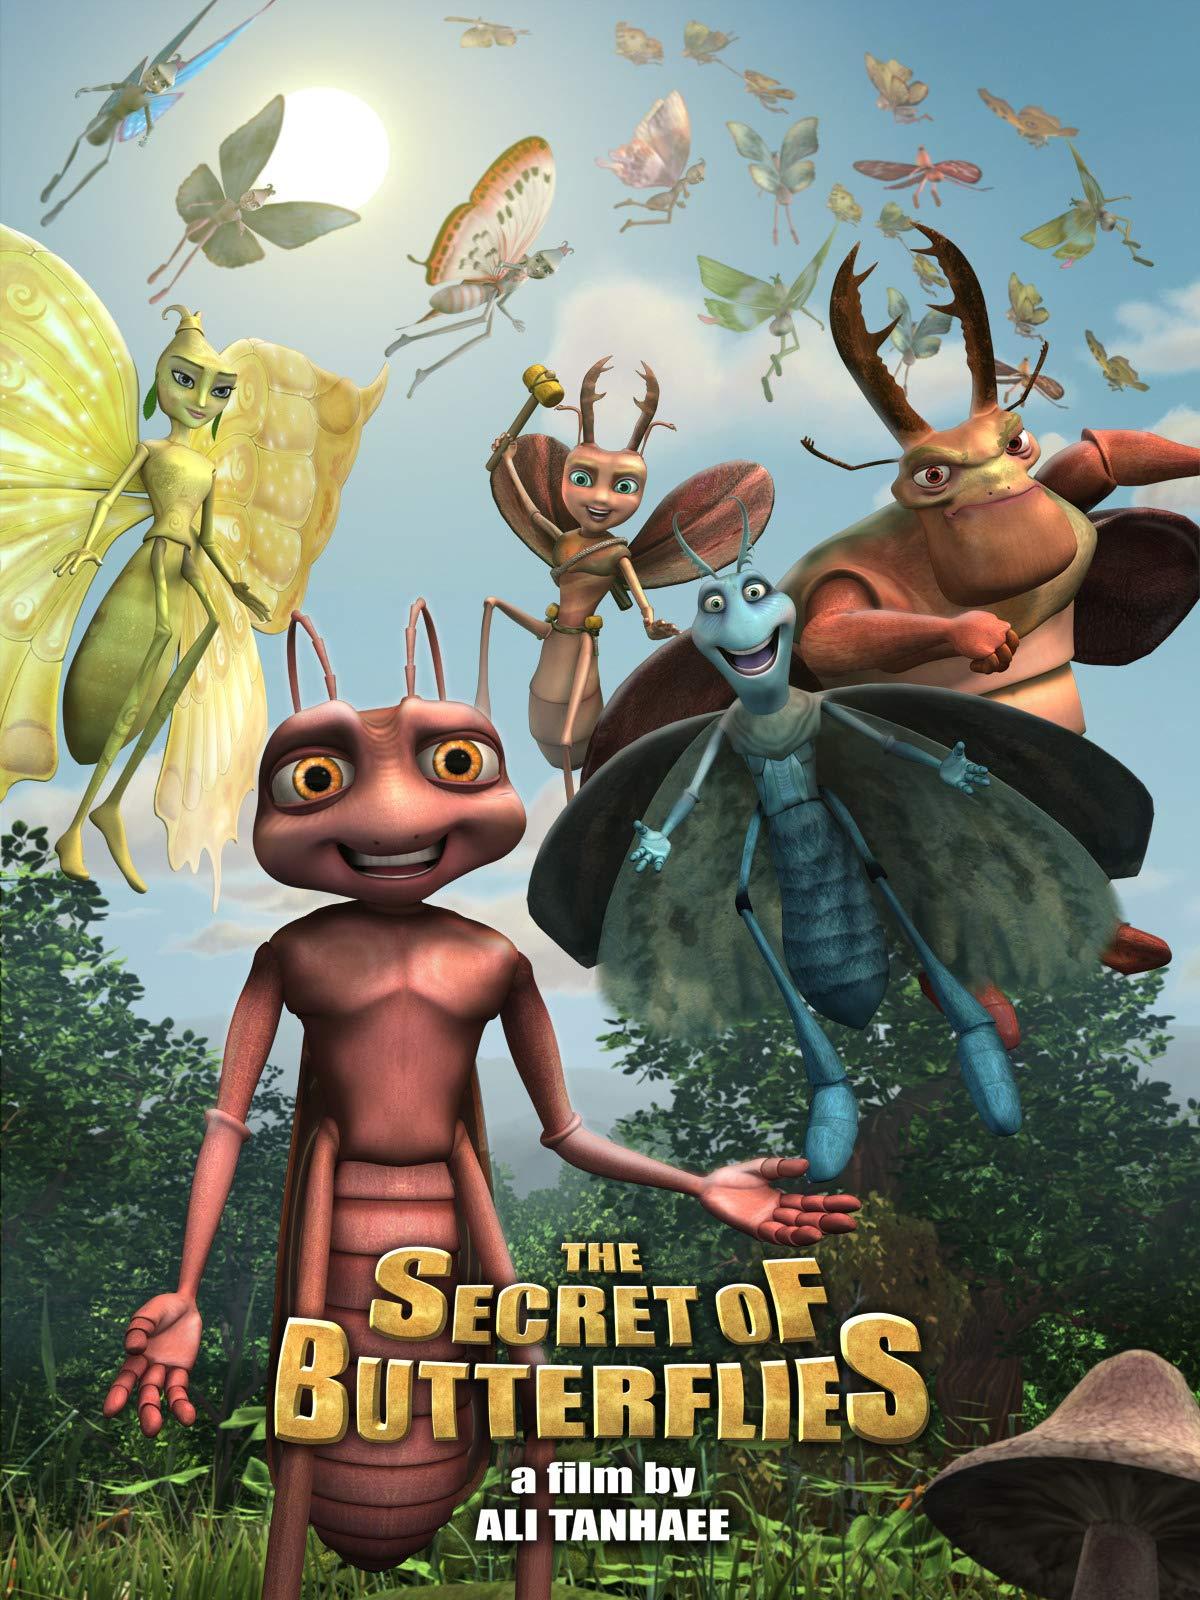 The Secret of Butterflies